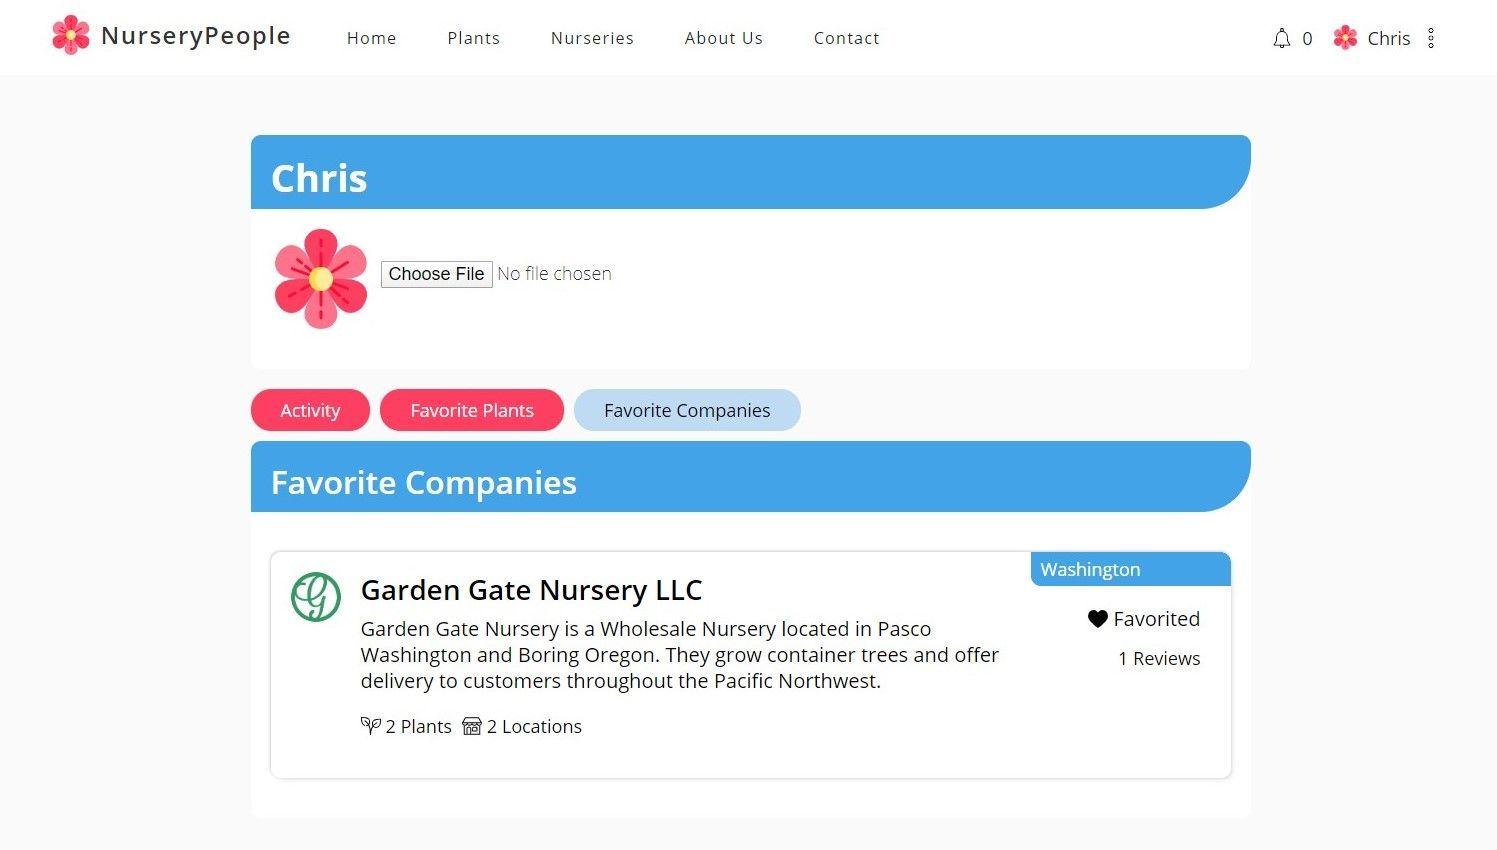 The NurseryPeople Profile page